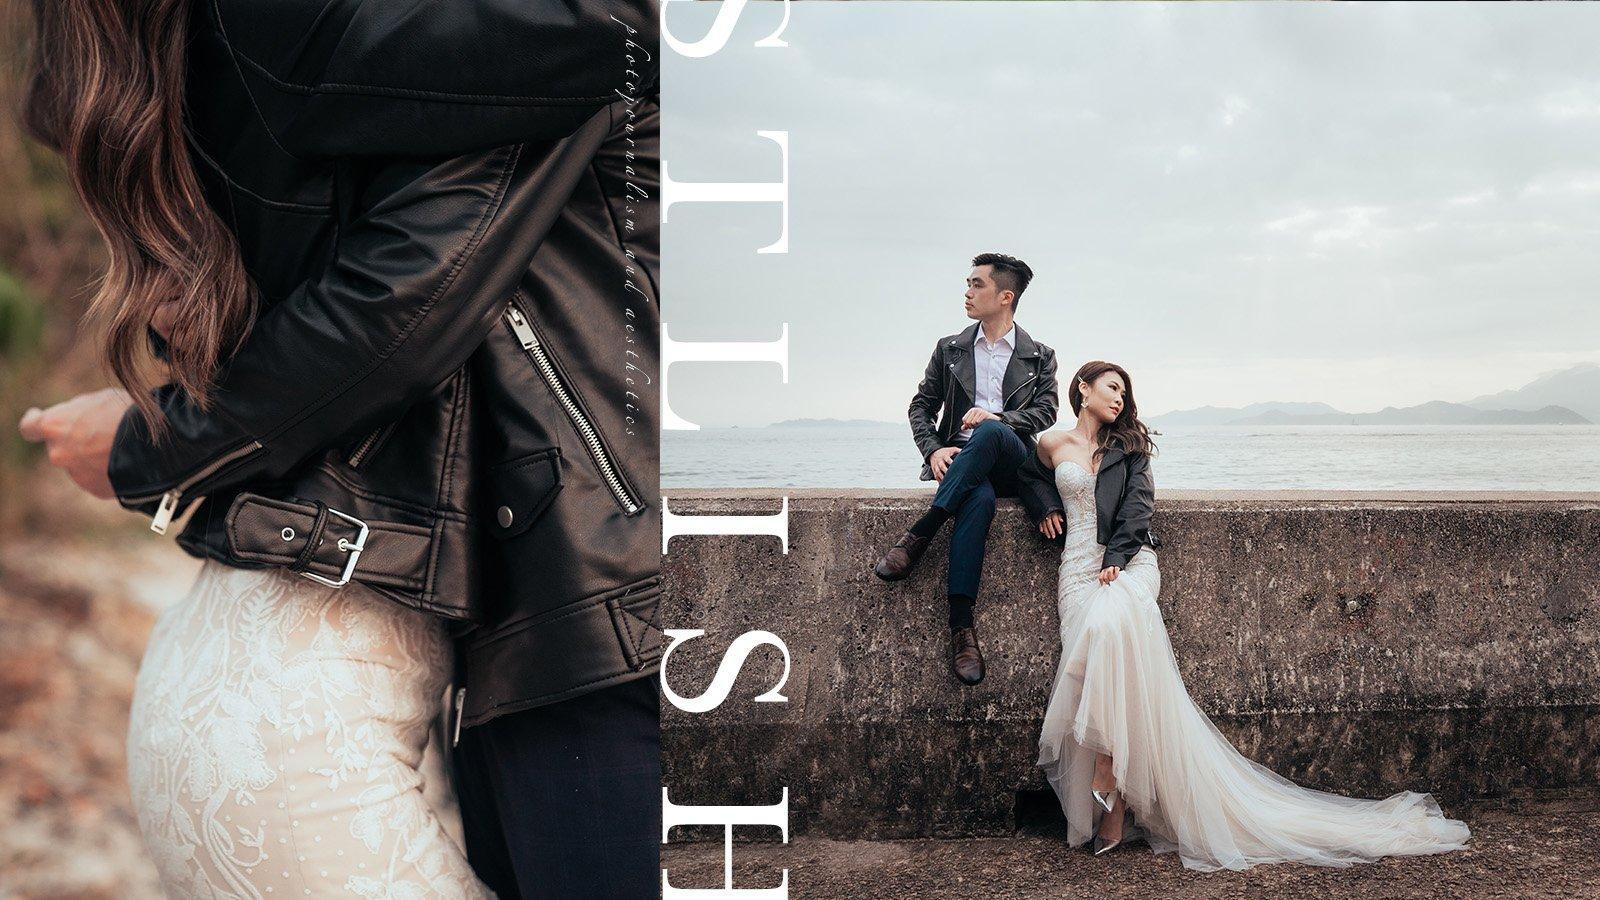 【Tengo ganas de ti】 Stylish Prewedding 型格婚紗照